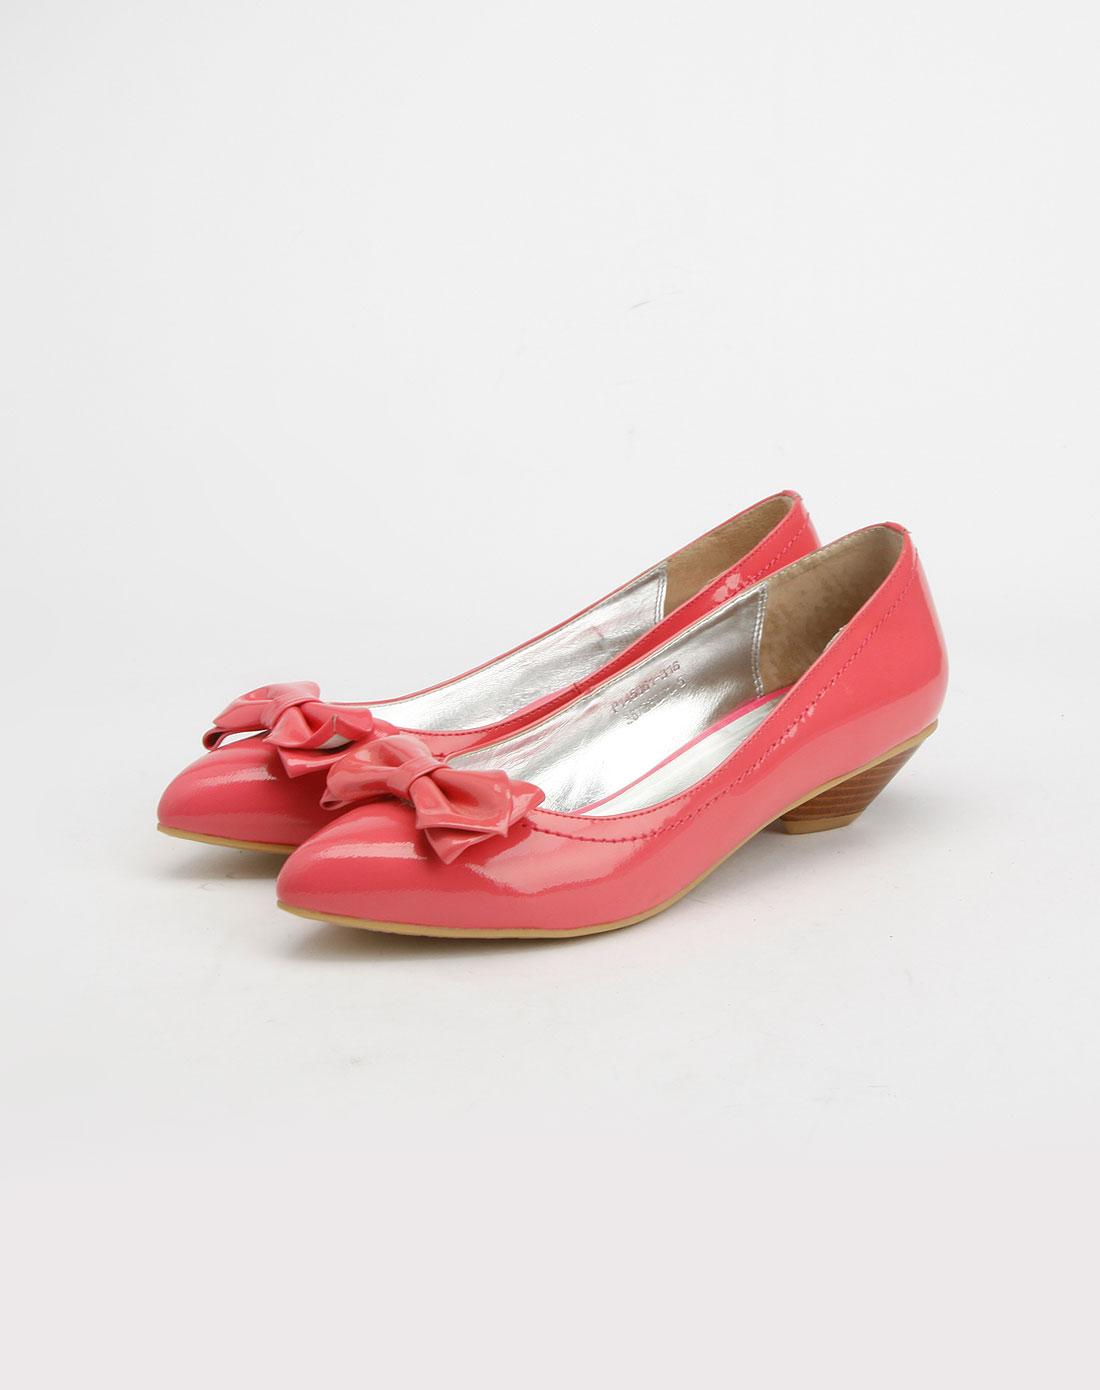 芭迪patty桃红色羊漆皮单鞋